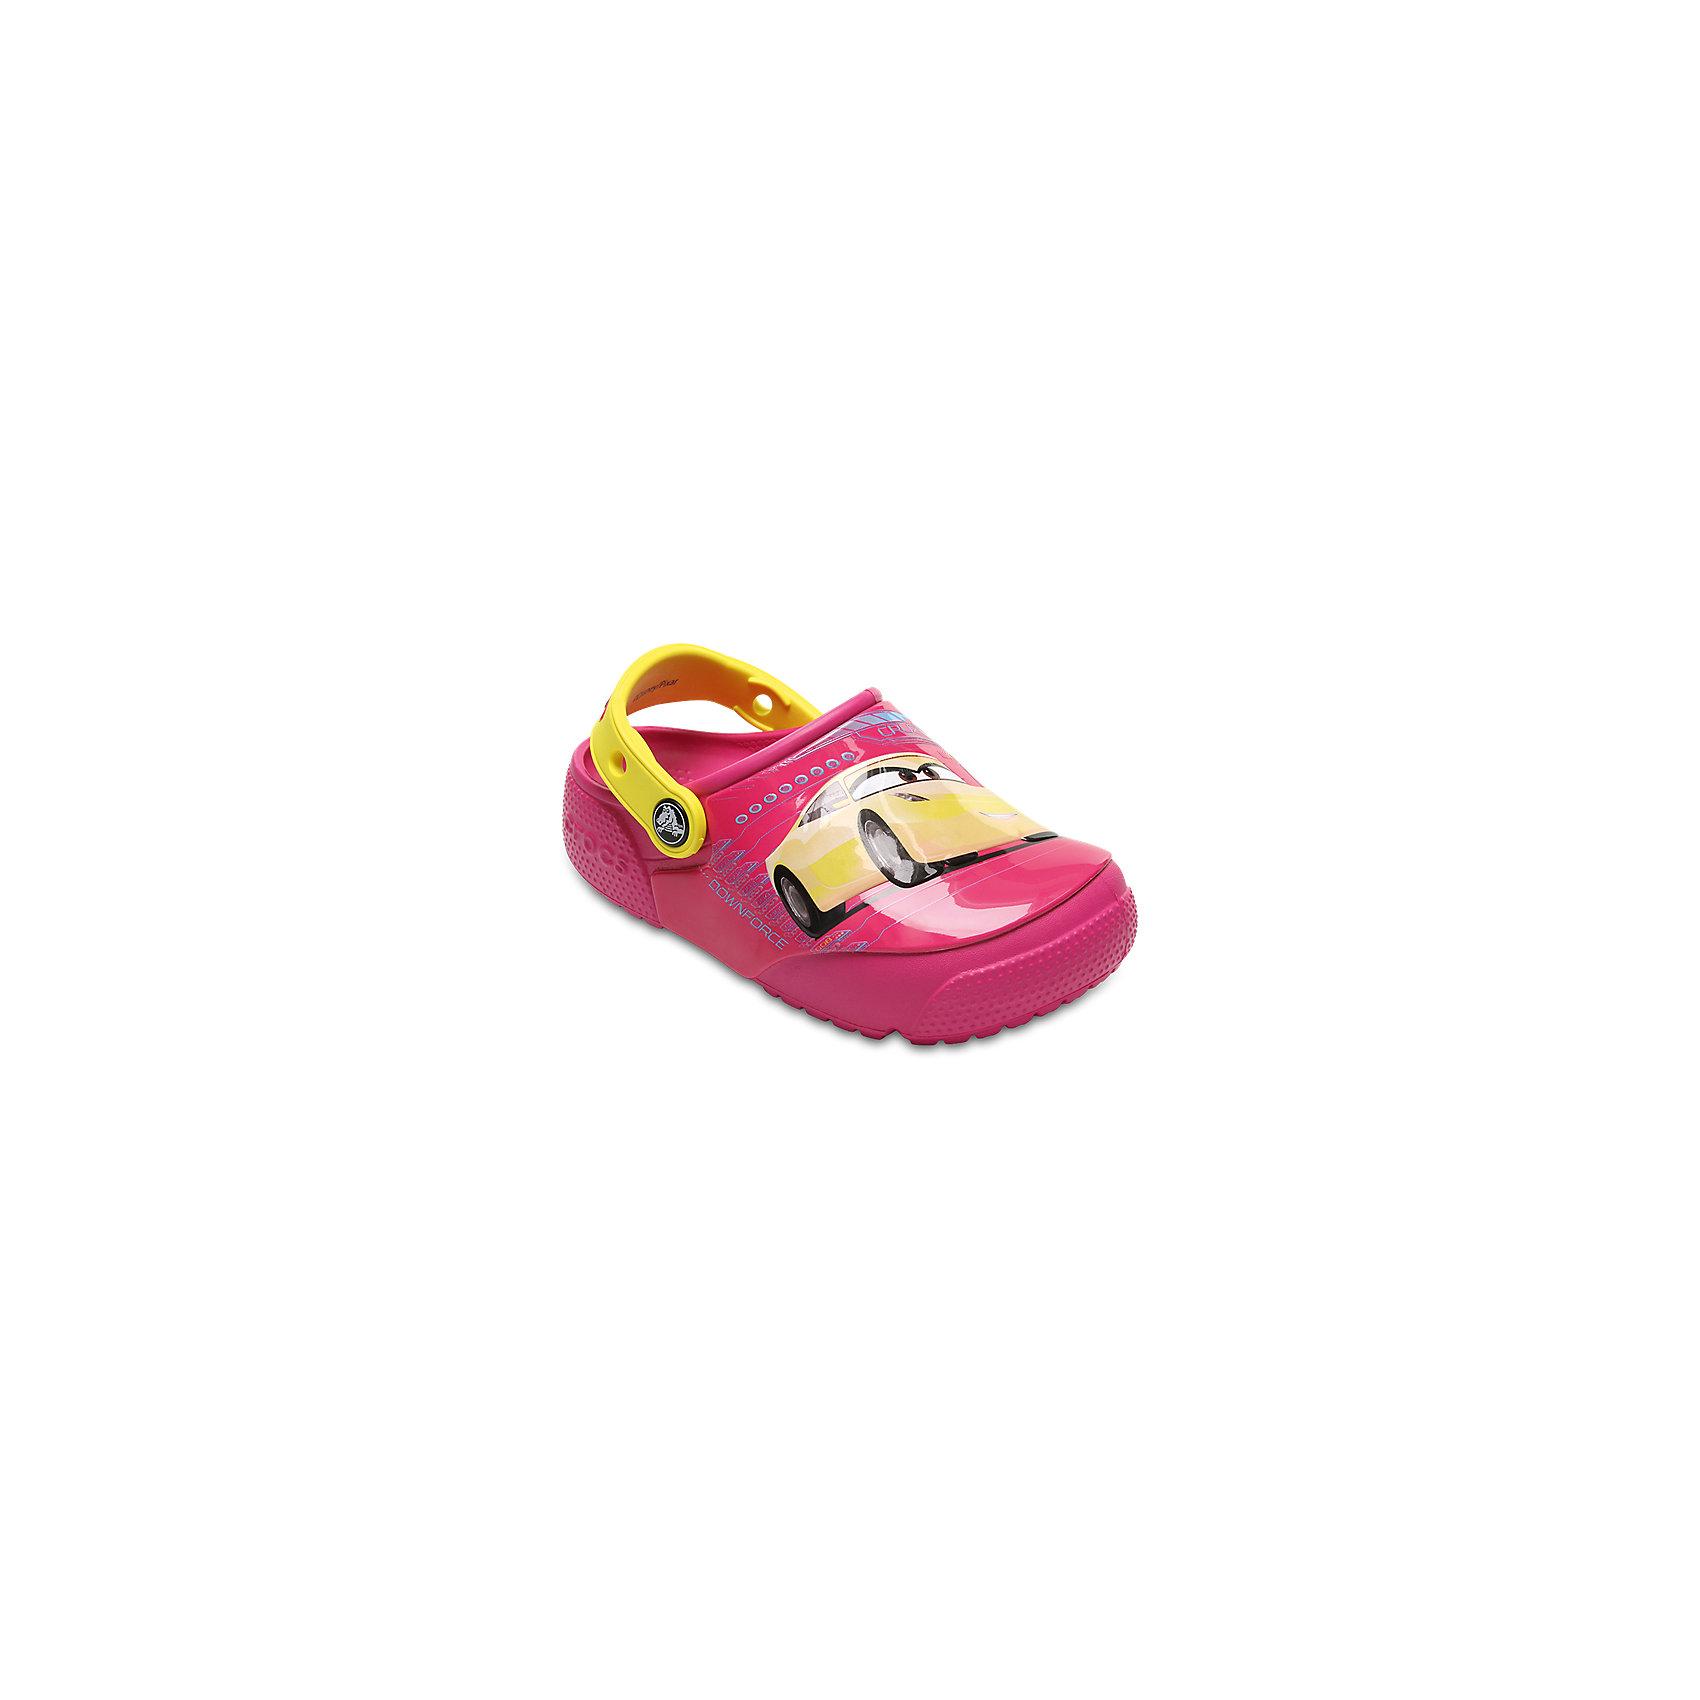 Сабо  CROCSПляжная обувь<br>Характеристики товара:<br><br>• цвет: розовый<br>• материал: 100% полимер Croslite™<br>• под воздействием температуры тела принимают форму стопы<br>• полностью литая модель<br>• вентиляционные отверстия<br>• бактериостатичный материал<br>• пяточный ремешок фиксирует стопу<br>• толстая устойчивая подошва<br>• отверстия для использования украшений<br>• анатомическая стелька с массажными точками стимулирует кровообращение<br>• страна бренда: США<br>• страна изготовитель: Китай<br><br>Для правильного развития ребенка крайне важно, чтобы обувь была удобной. Такие сабо обеспечивают детям необходимый комфорт, а анатомическая стелька с массажными линиями для стимуляции кровообращения позволяет ножкам дольше не уставать. Сабо легко надеваются и снимаются, отлично сидят на ноге. Материал, из которого они сделаны, не дает размножаться бактериям, поэтому такая обувь препятствует образованию неприятного запаха и появлению болезней стоп.<br>Обувь от американского бренда Crocs в данный момент завоевала широкую популярность во всем мире, и это не удивительно - ведь она невероятно удобна. Её носят врачи, спортсмены, звёзды шоу-бизнеса, люди, которым много времени приходится бывать на ногах - они понимают, как важна комфортная обувь. Продукция Crocs - это качественные товары, созданные с применением новейших технологий. Обувь отличается стильным дизайном и продуманной конструкцией. Изделие производится из качественных и проверенных материалов, которые безопасны для детей.<br><br>Сабо Kids Classic от торговой марки Crocs можно купить в нашем интернет-магазине.<br><br>Ширина мм: 225<br>Глубина мм: 139<br>Высота мм: 112<br>Вес г: 290<br>Цвет: розовый<br>Возраст от месяцев: 132<br>Возраст до месяцев: 144<br>Пол: Унисекс<br>Возраст: Детский<br>Размер: 29,30,21,22,27,23,24,25,26,31/32,33/34,34/35,28<br>SKU: 5416962